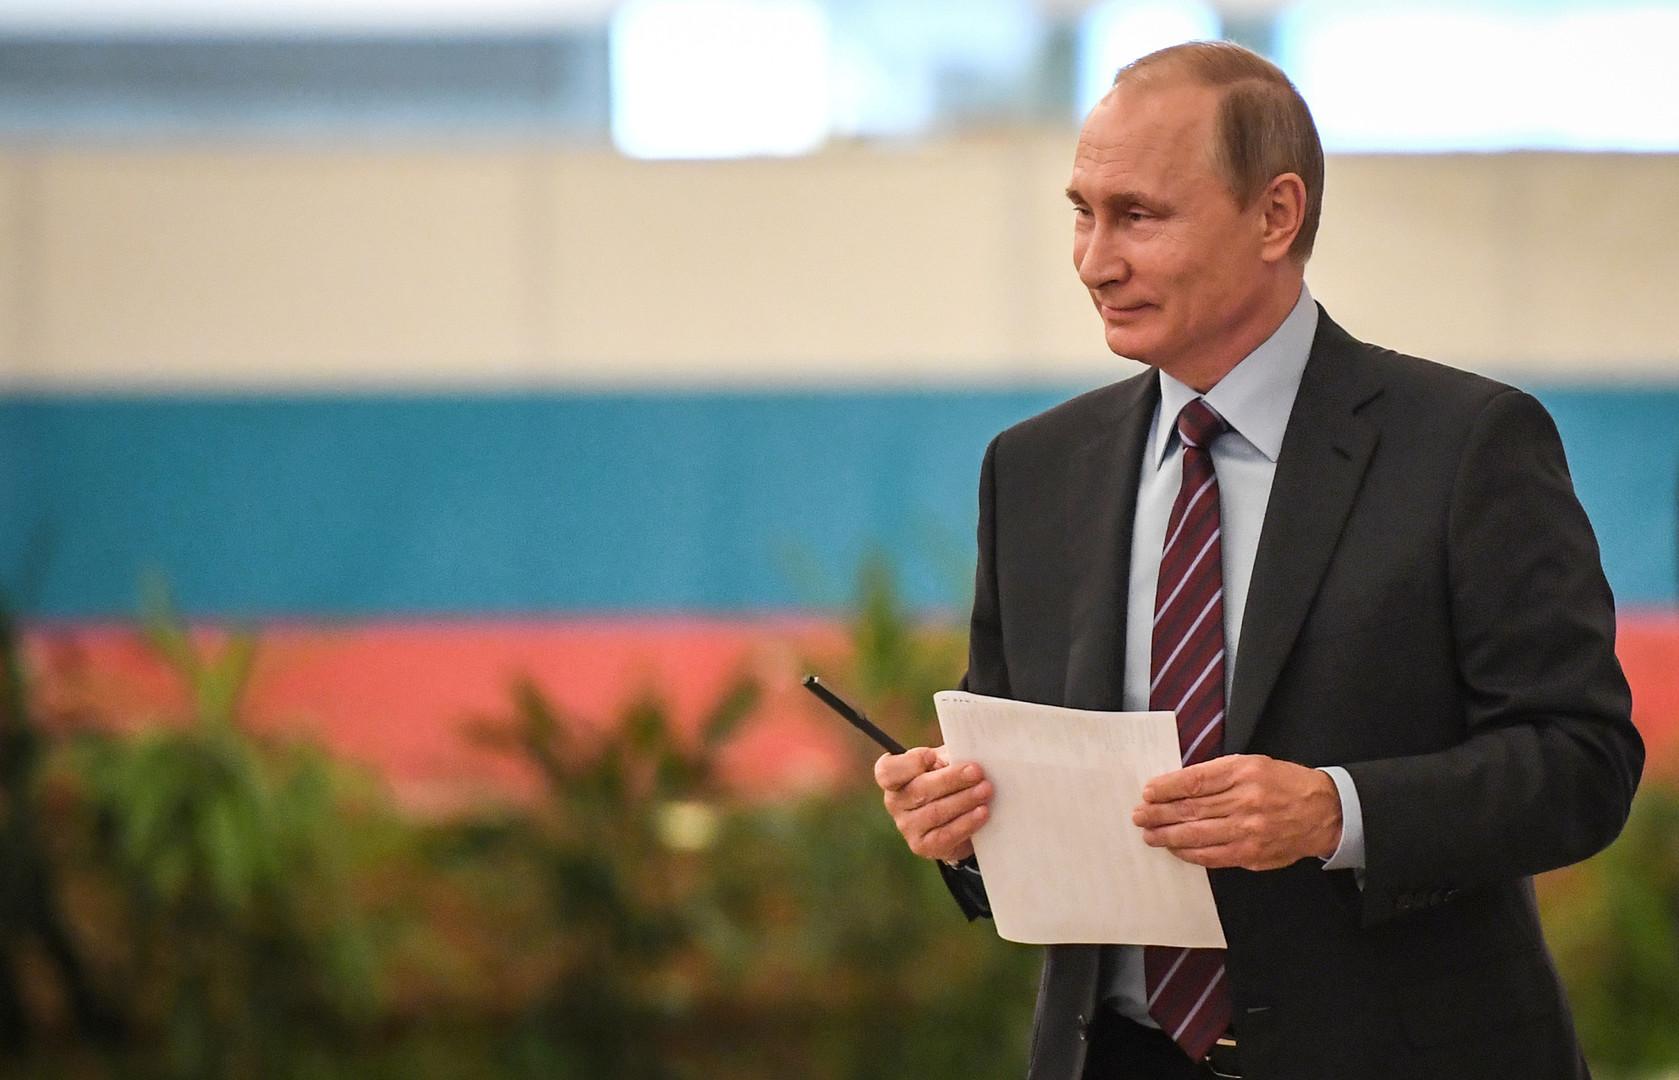 Пушков ответил наоскорбление вадрес В. Путина в германском журнале Focus